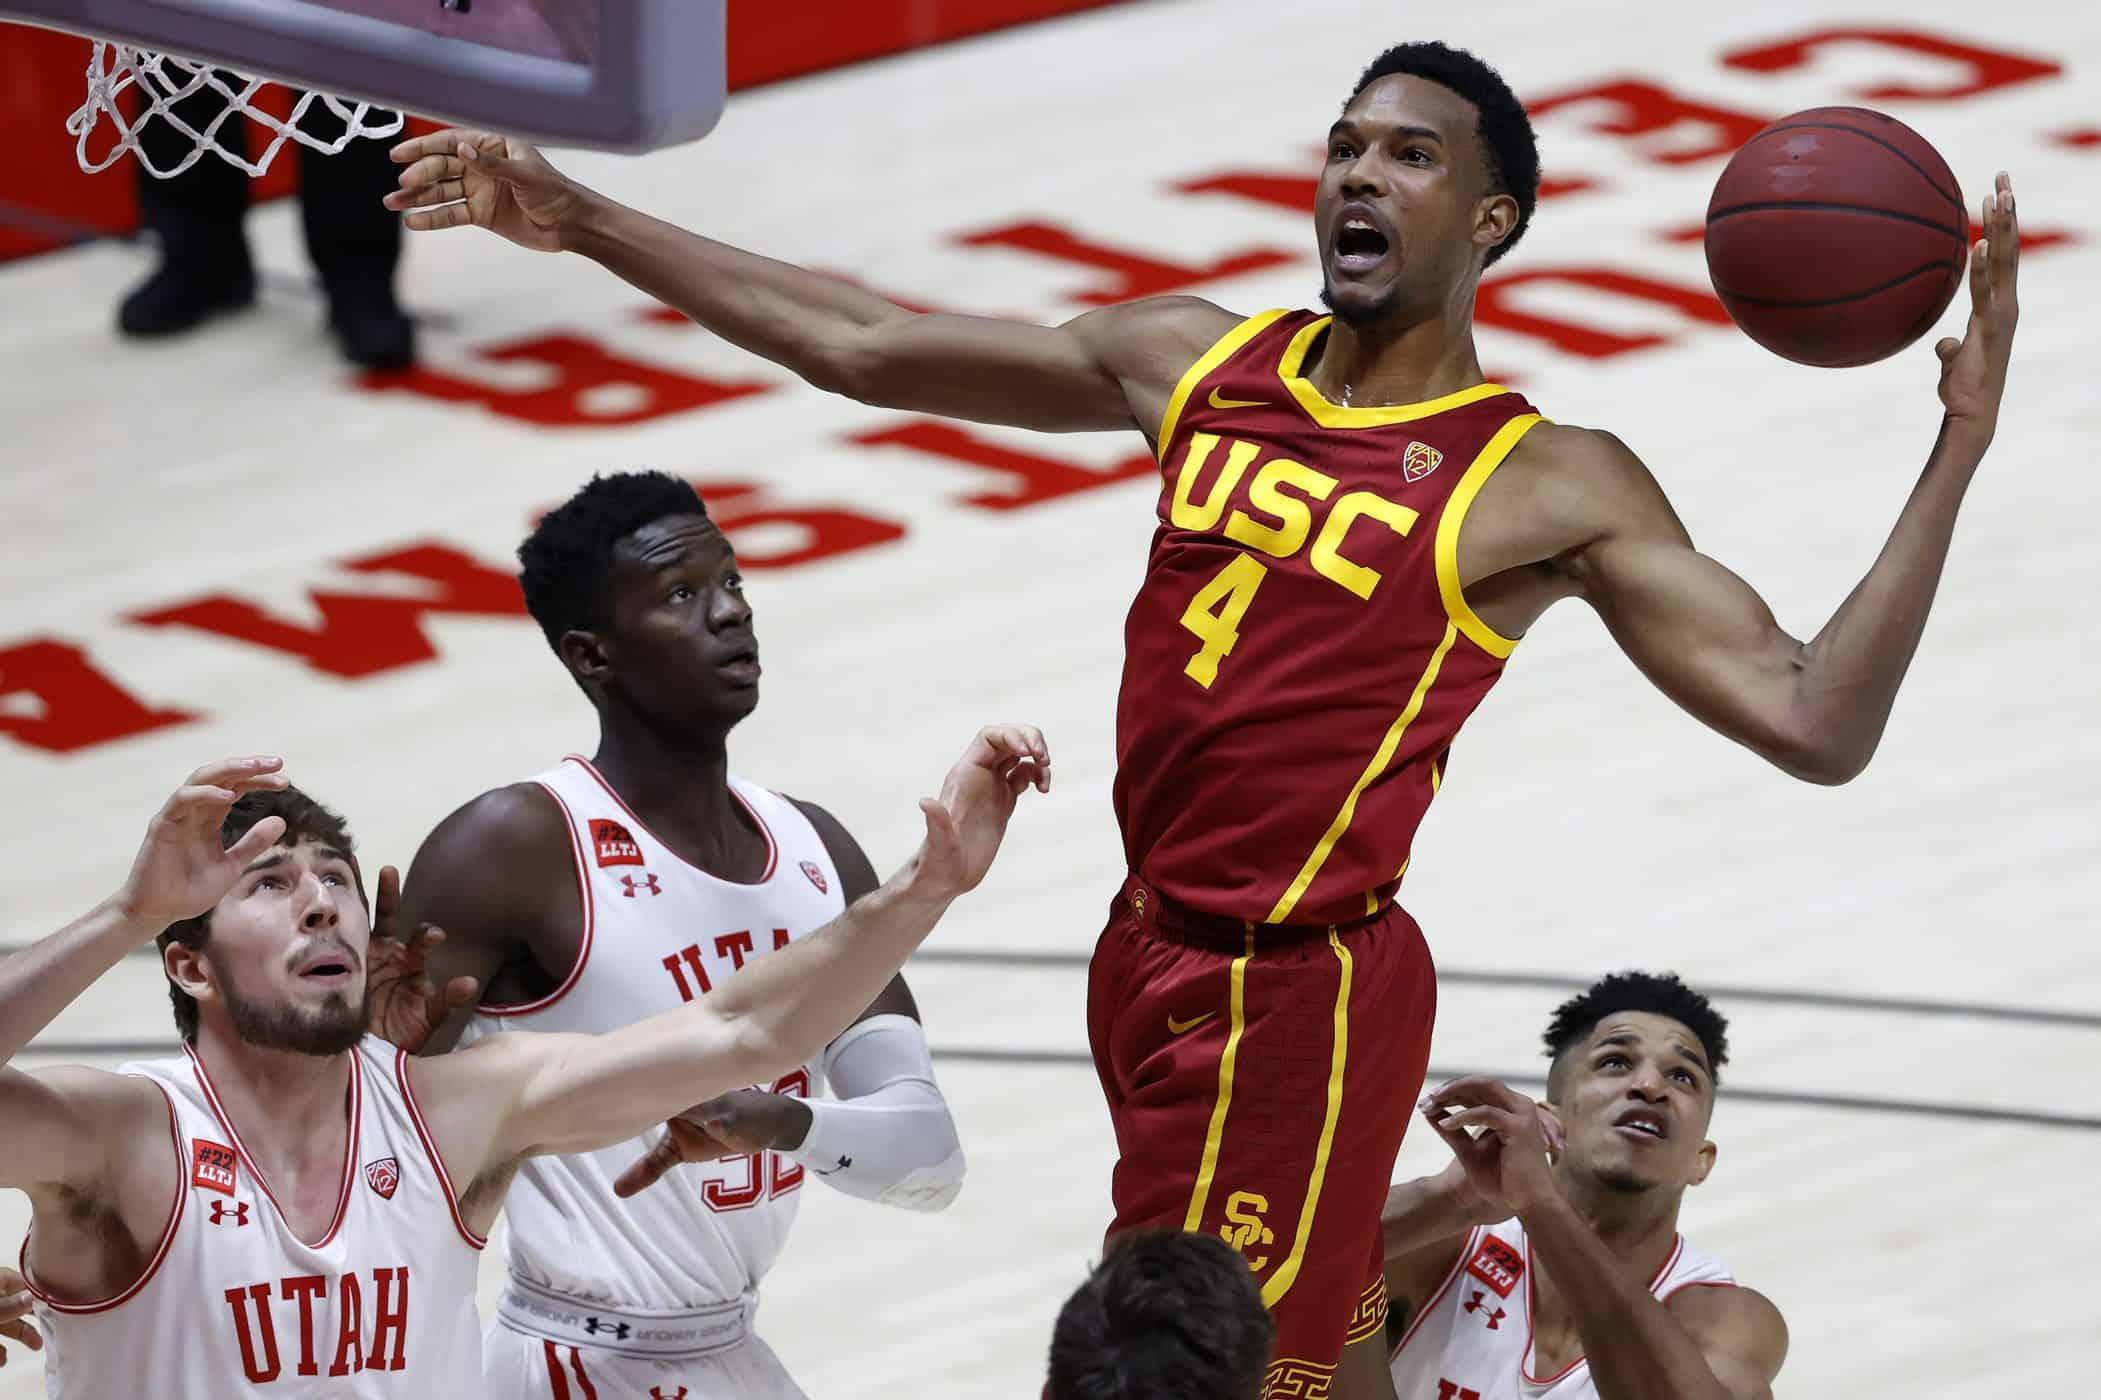 BasketballNcaa - USC Mobley